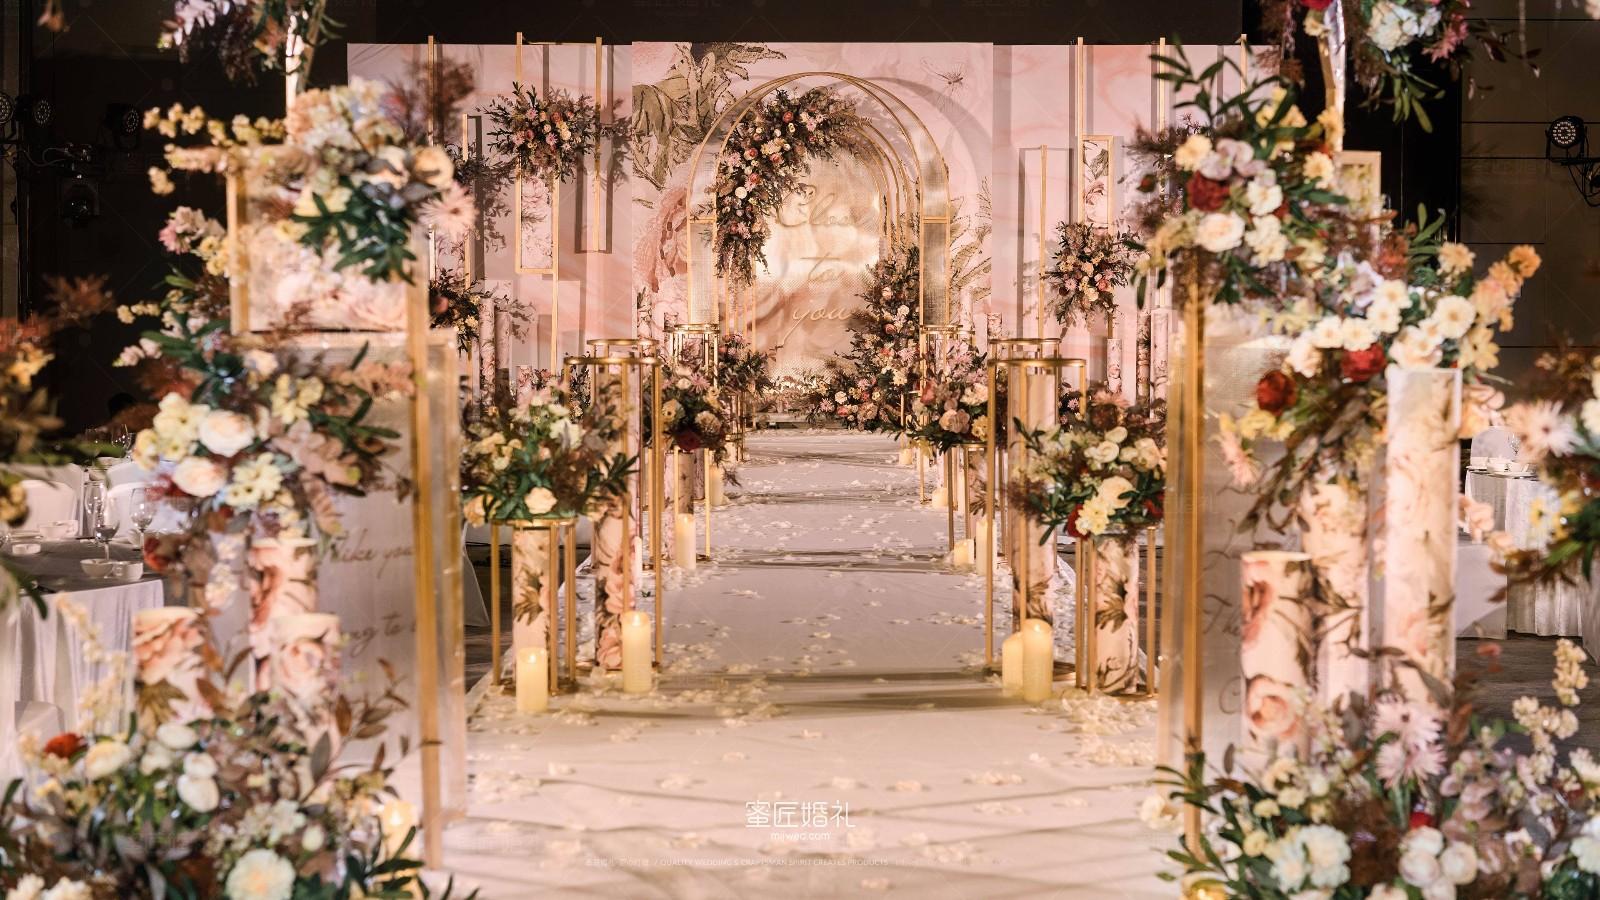 婚礼布置的重要细节 婚礼布置需要重视哪些细节